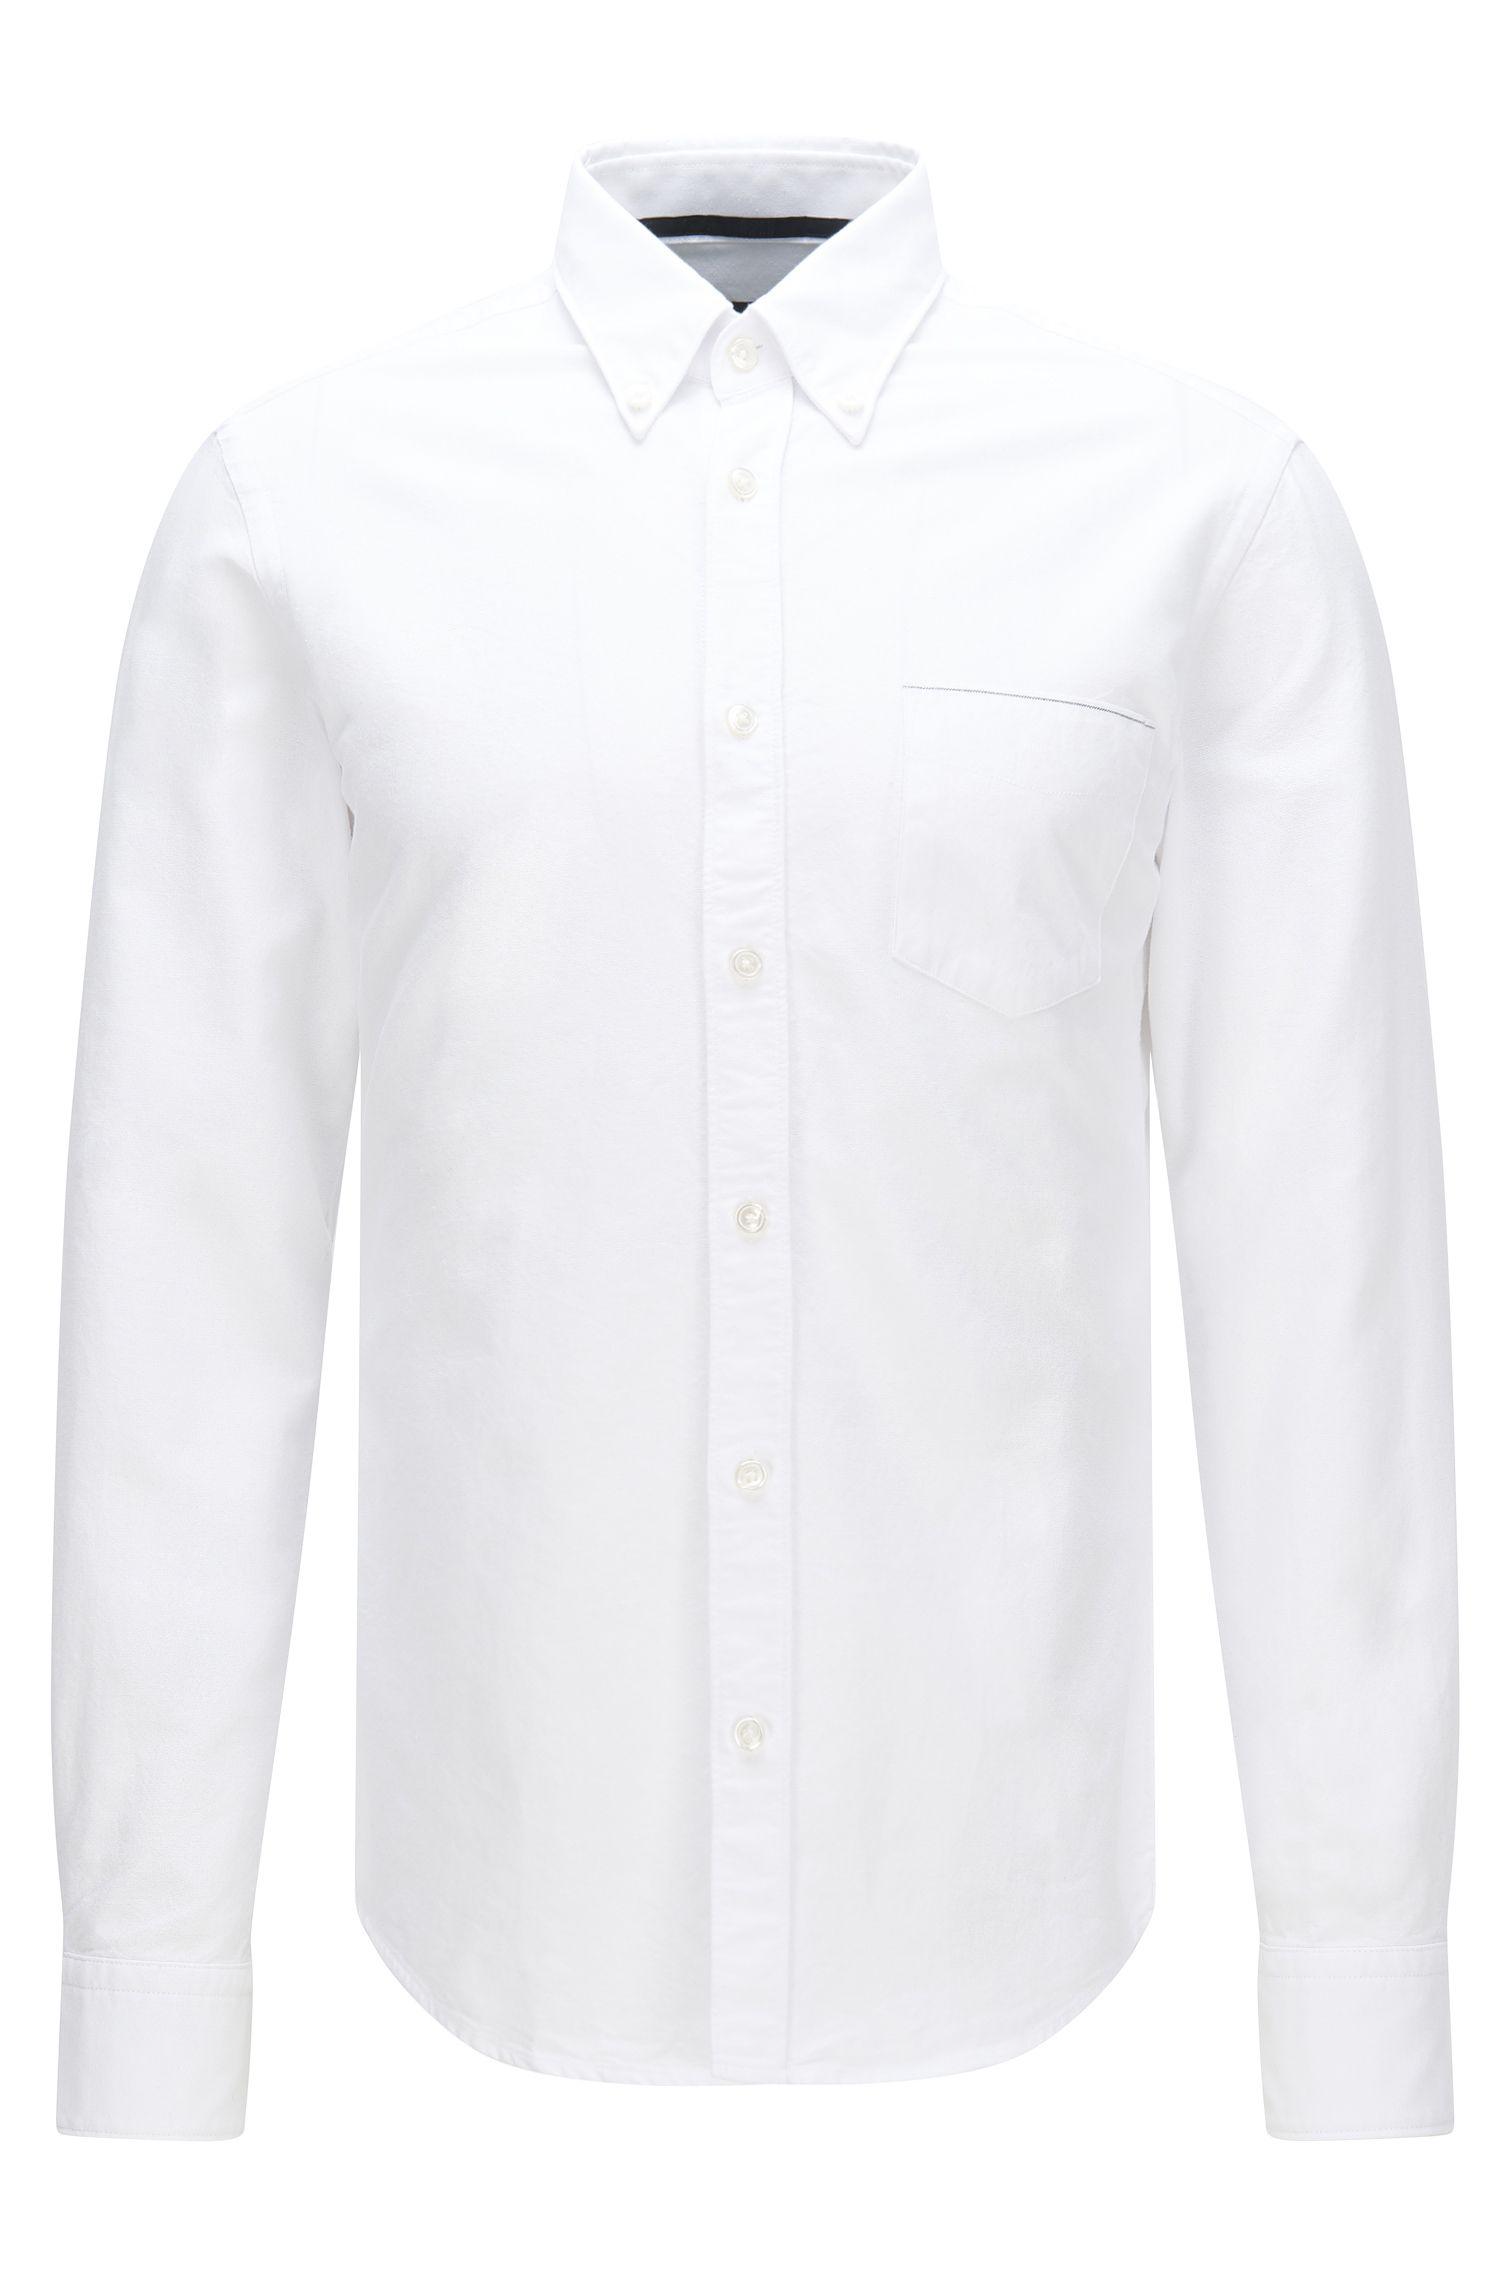 'Rubens P' | Slim Fit, Cotton Oxford Button Down Shirt